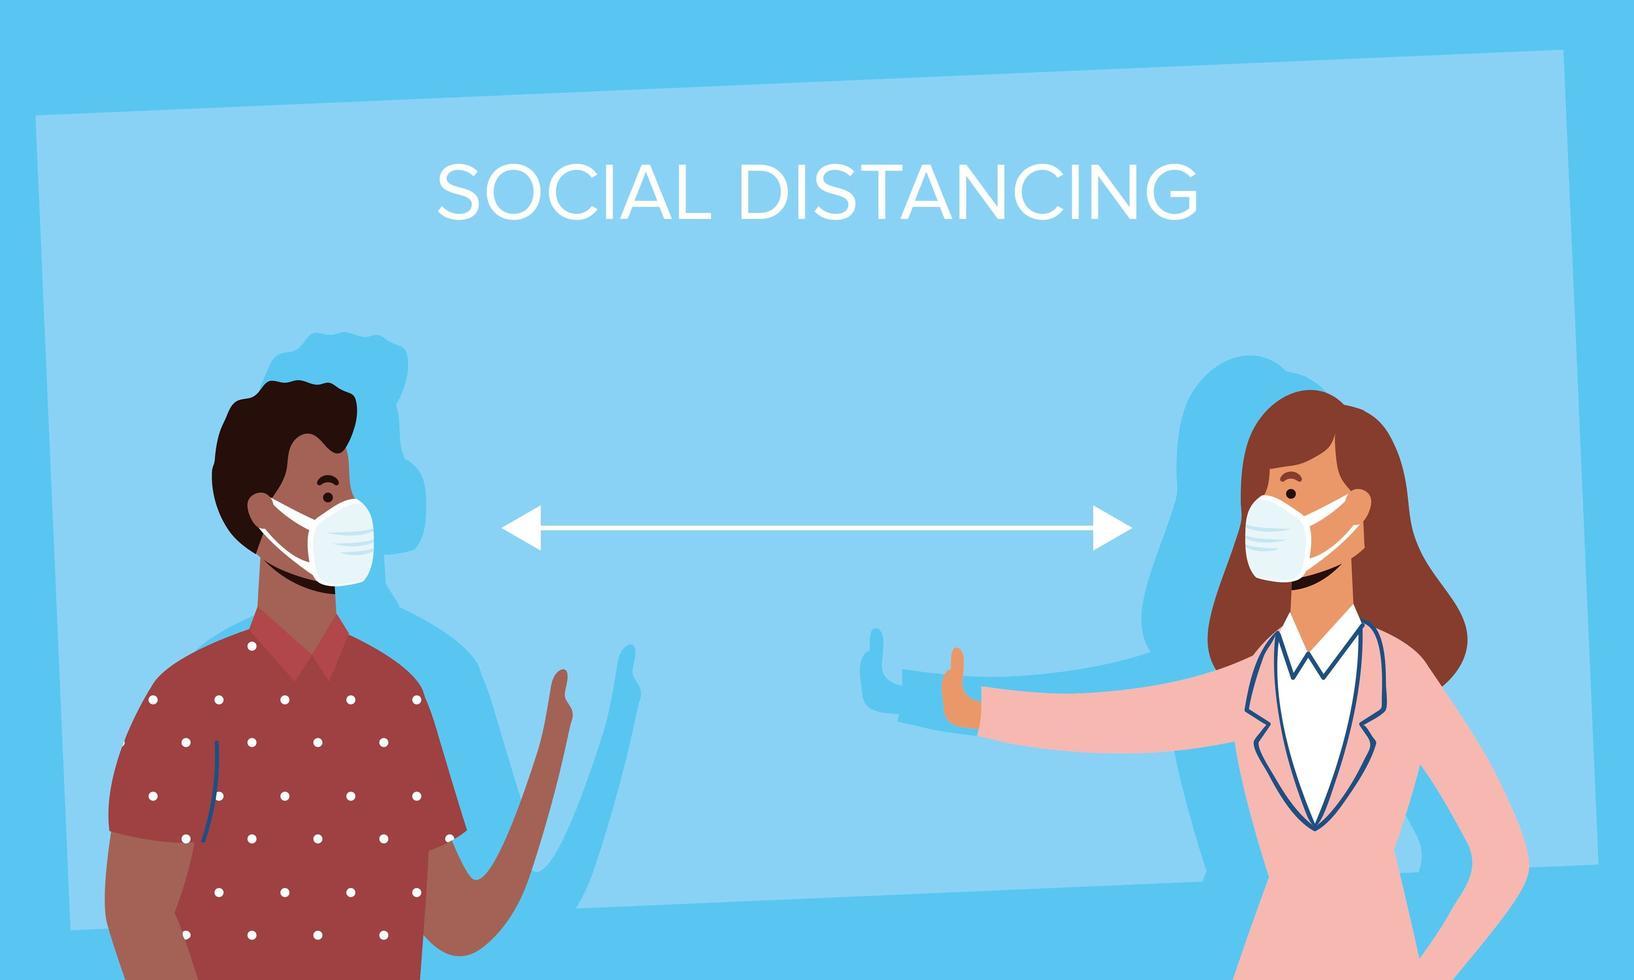 diverses personnes distanciation sociale avec des masques faciaux vecteur